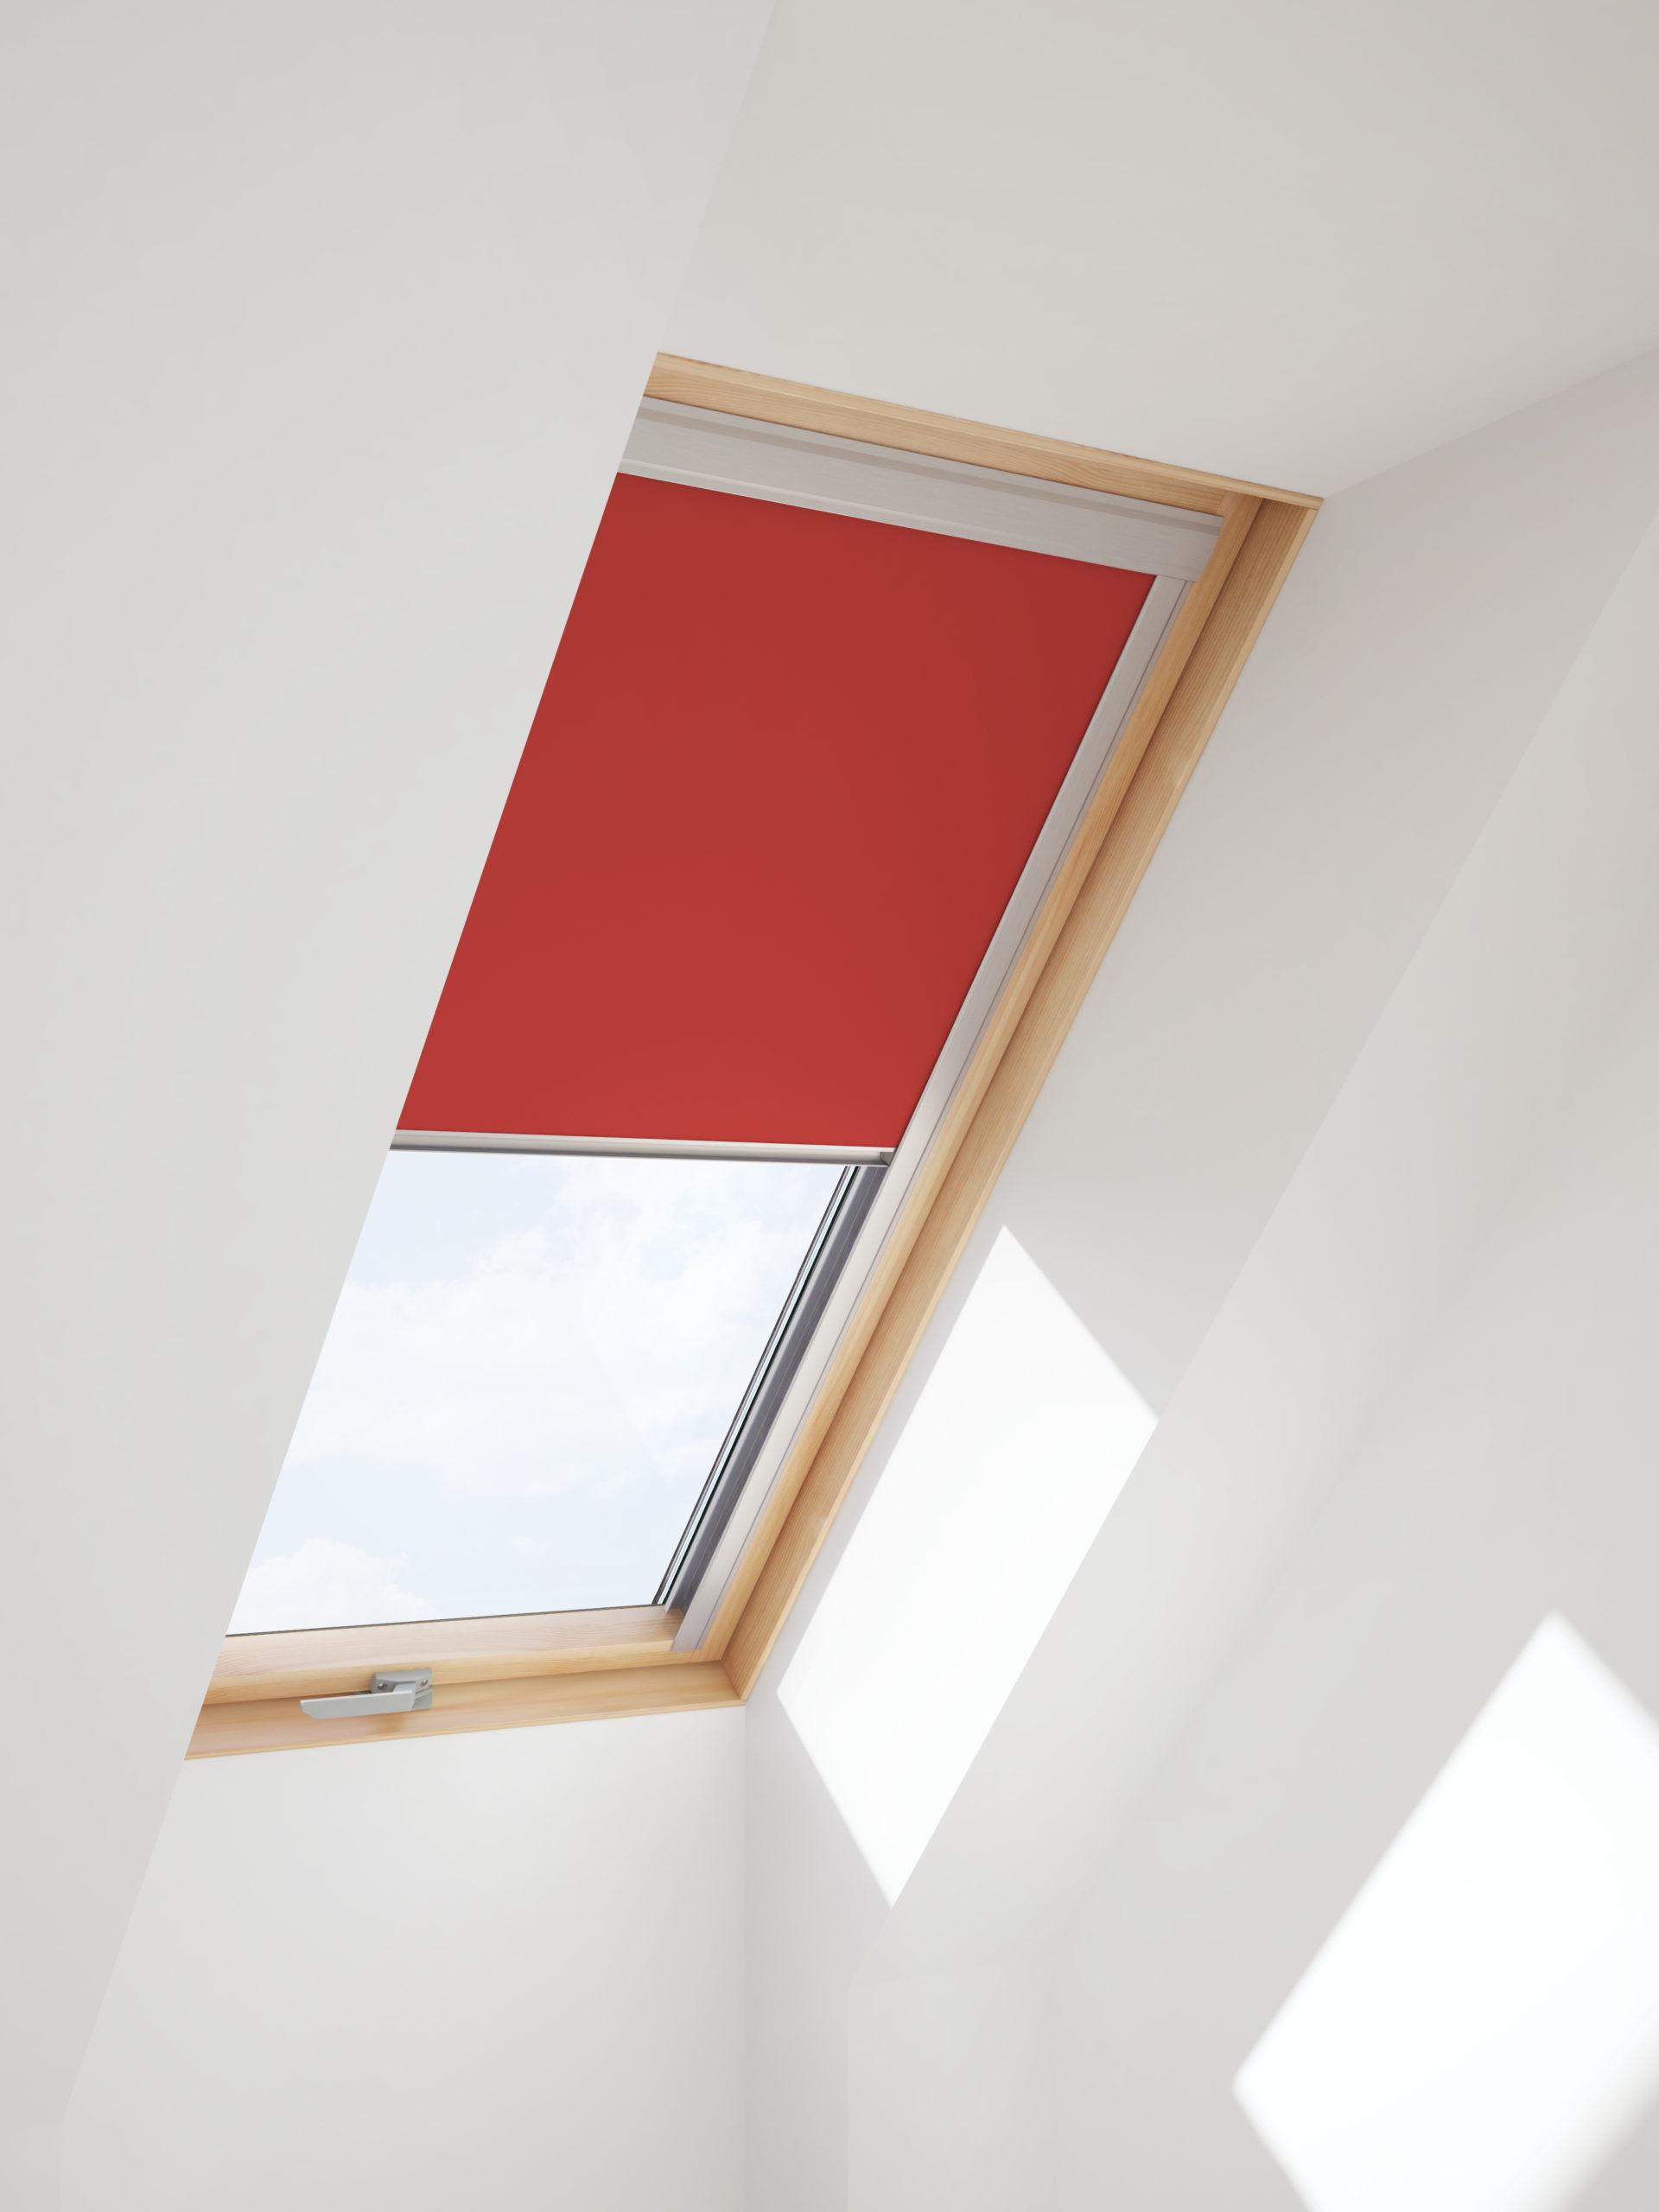 ROLETA ZACIEMNIAJĄCA ROOFART DUR - kolor 4213 (czerwony) - 78x140 M8A